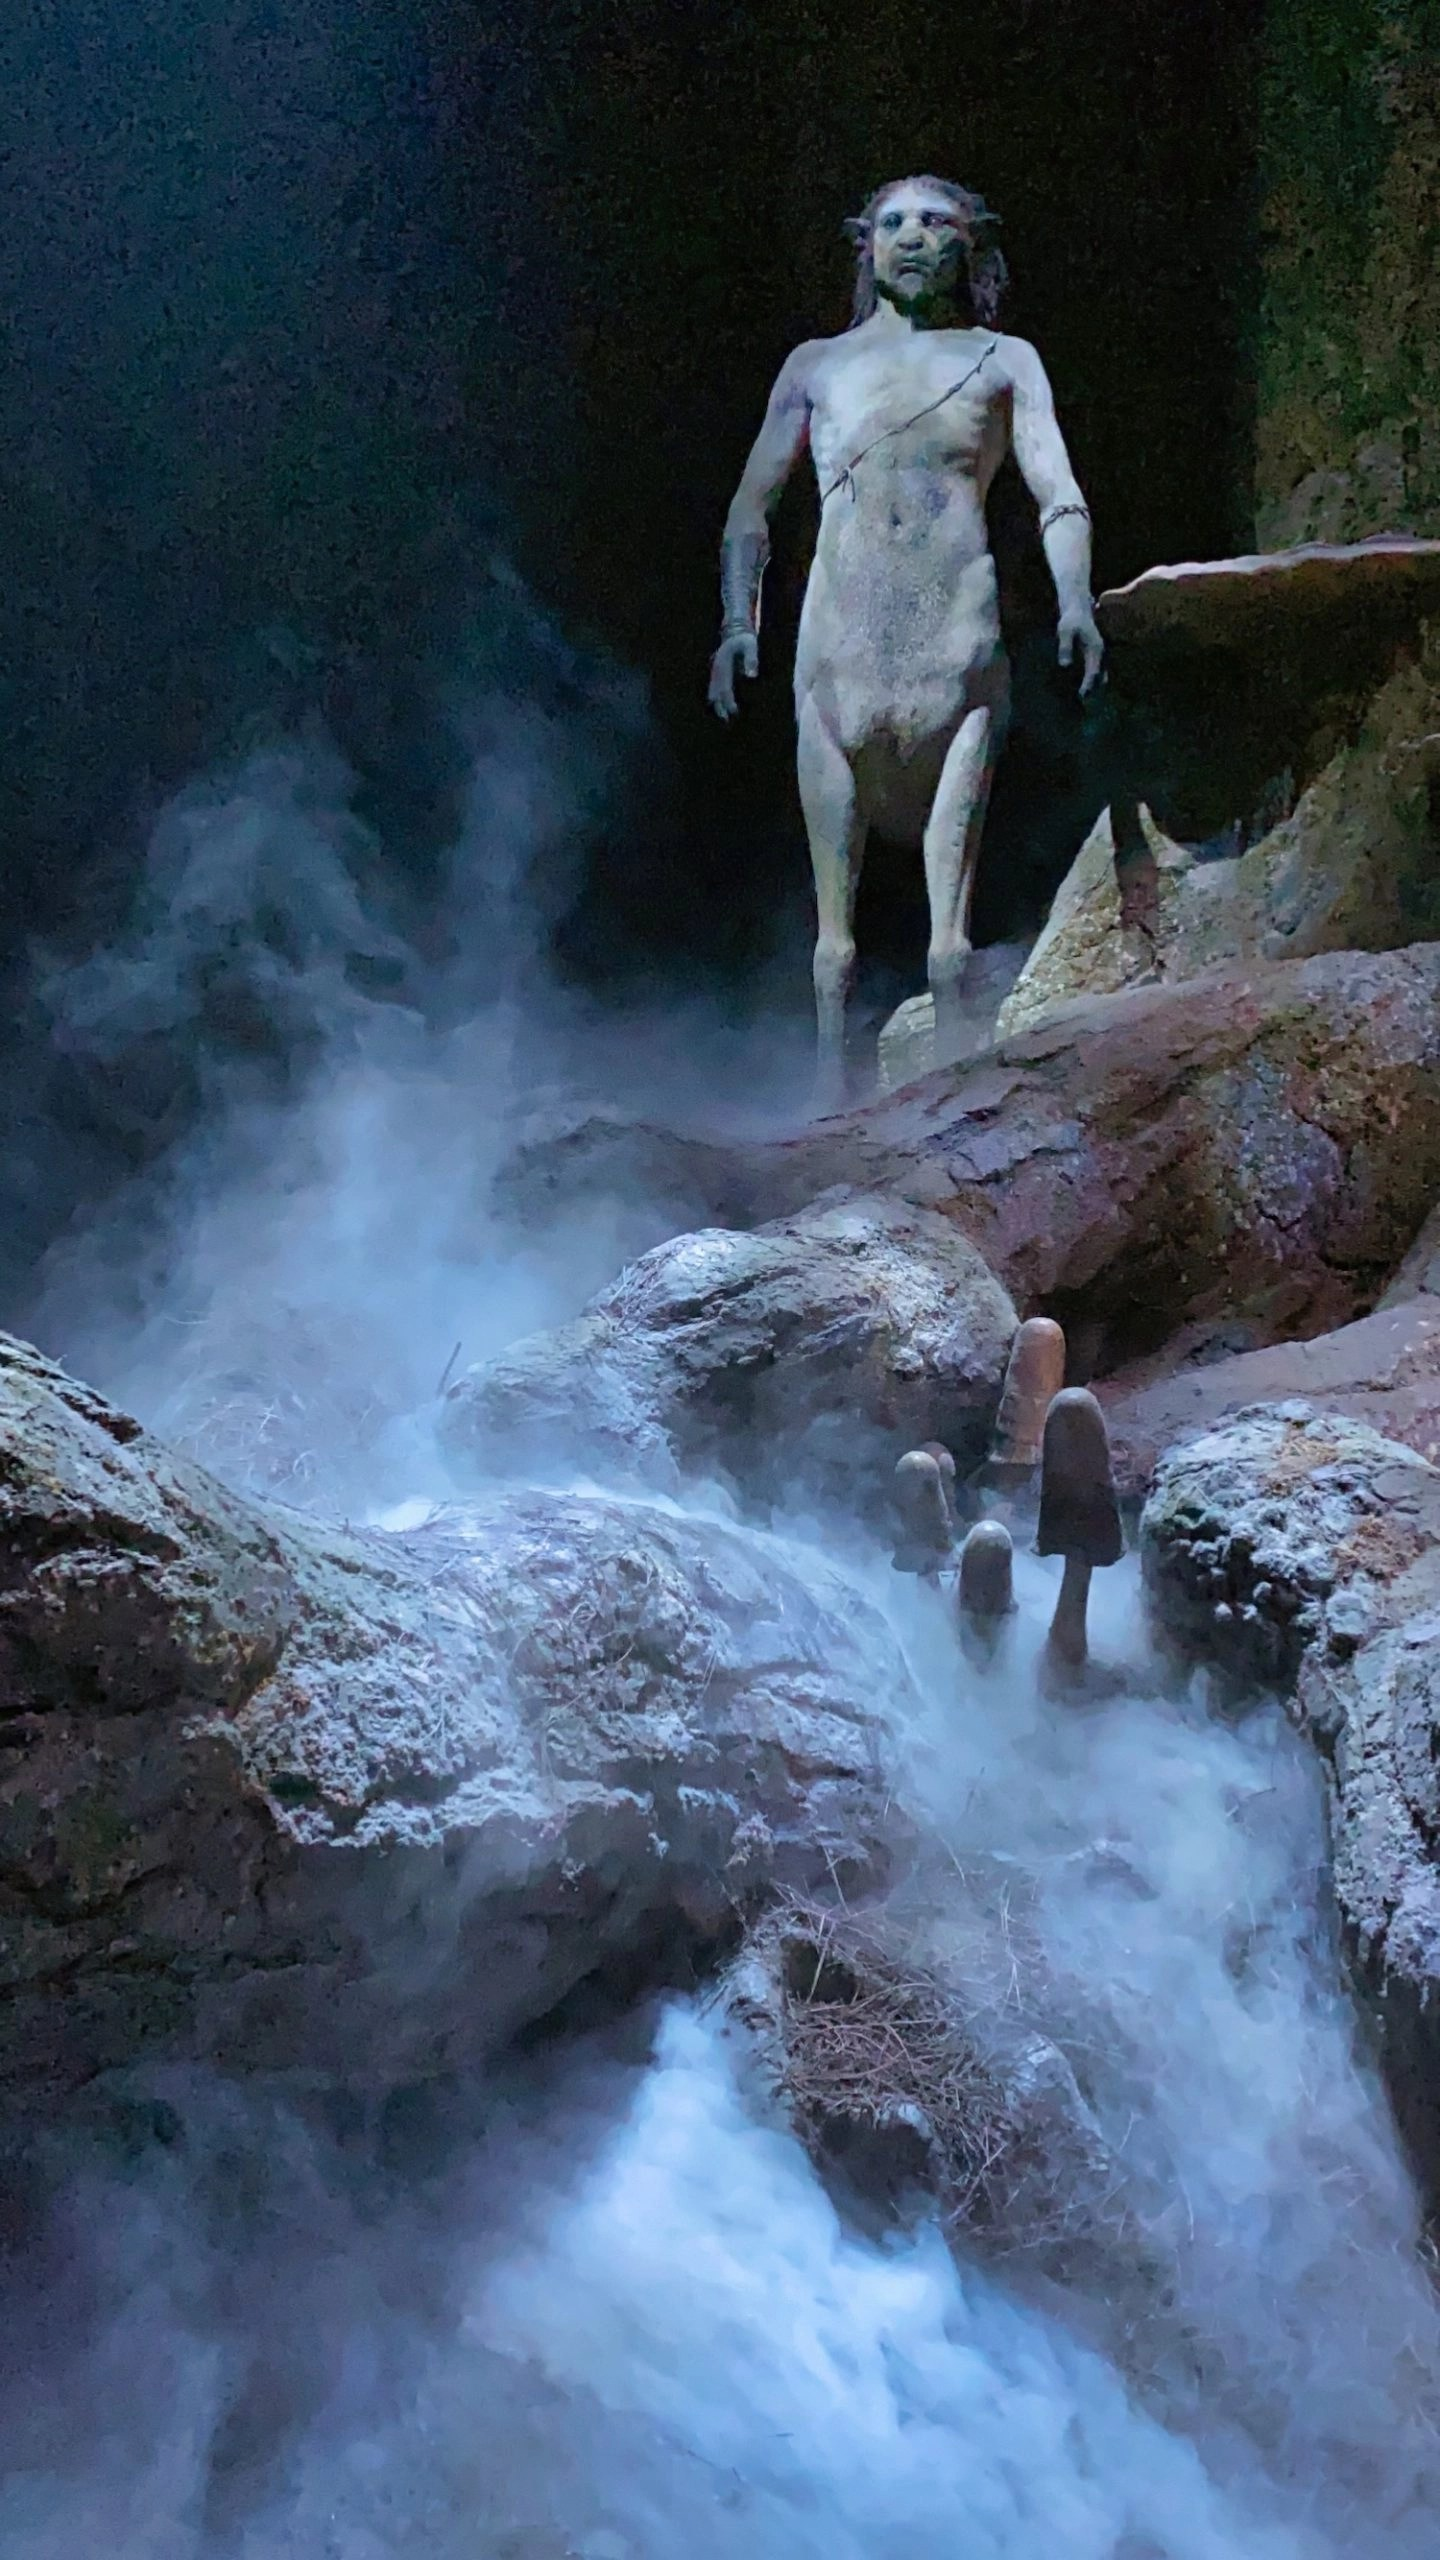 Harry Potter Studio Tour - Forbidden Forest - Centaur